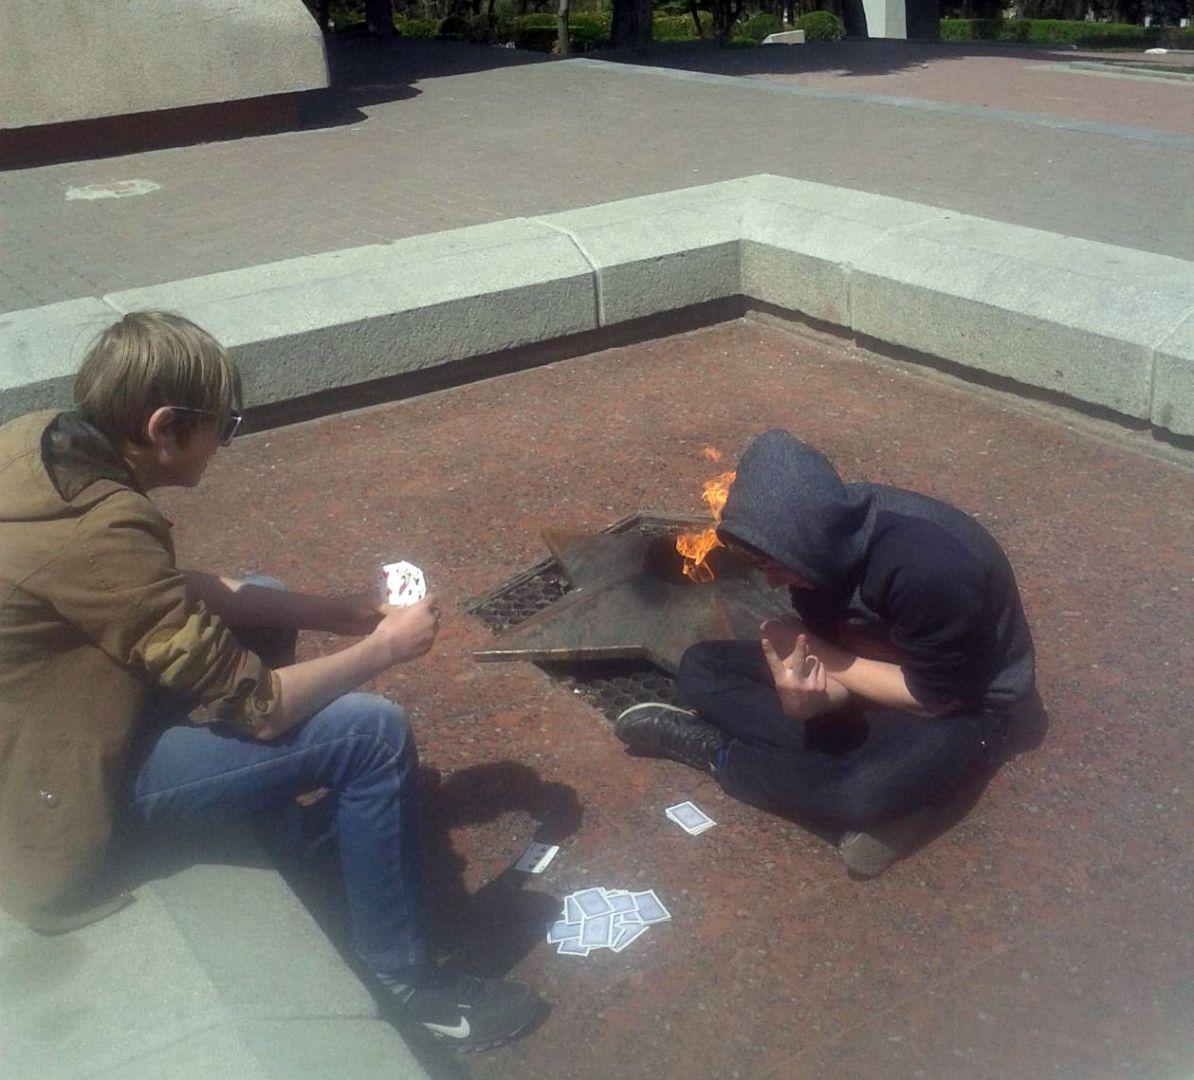 ВКисловодске подростки играли вкарты у бессрочного огня